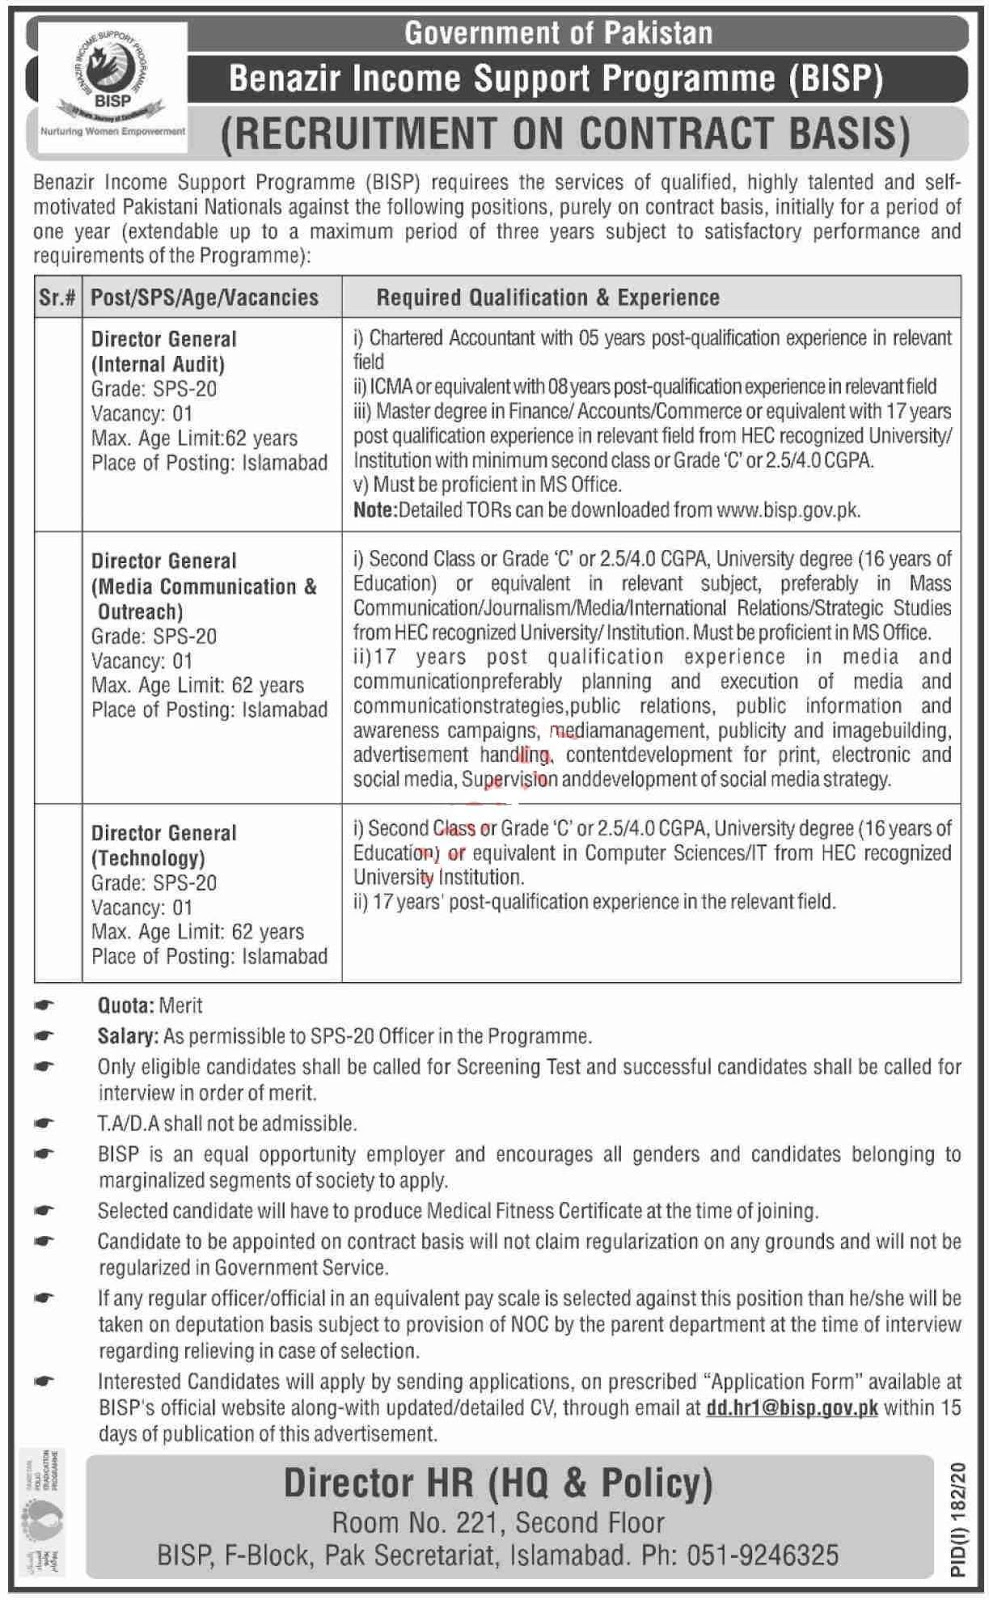 BISP Benazir Income Support Programme Jobs 2020 Pakistan